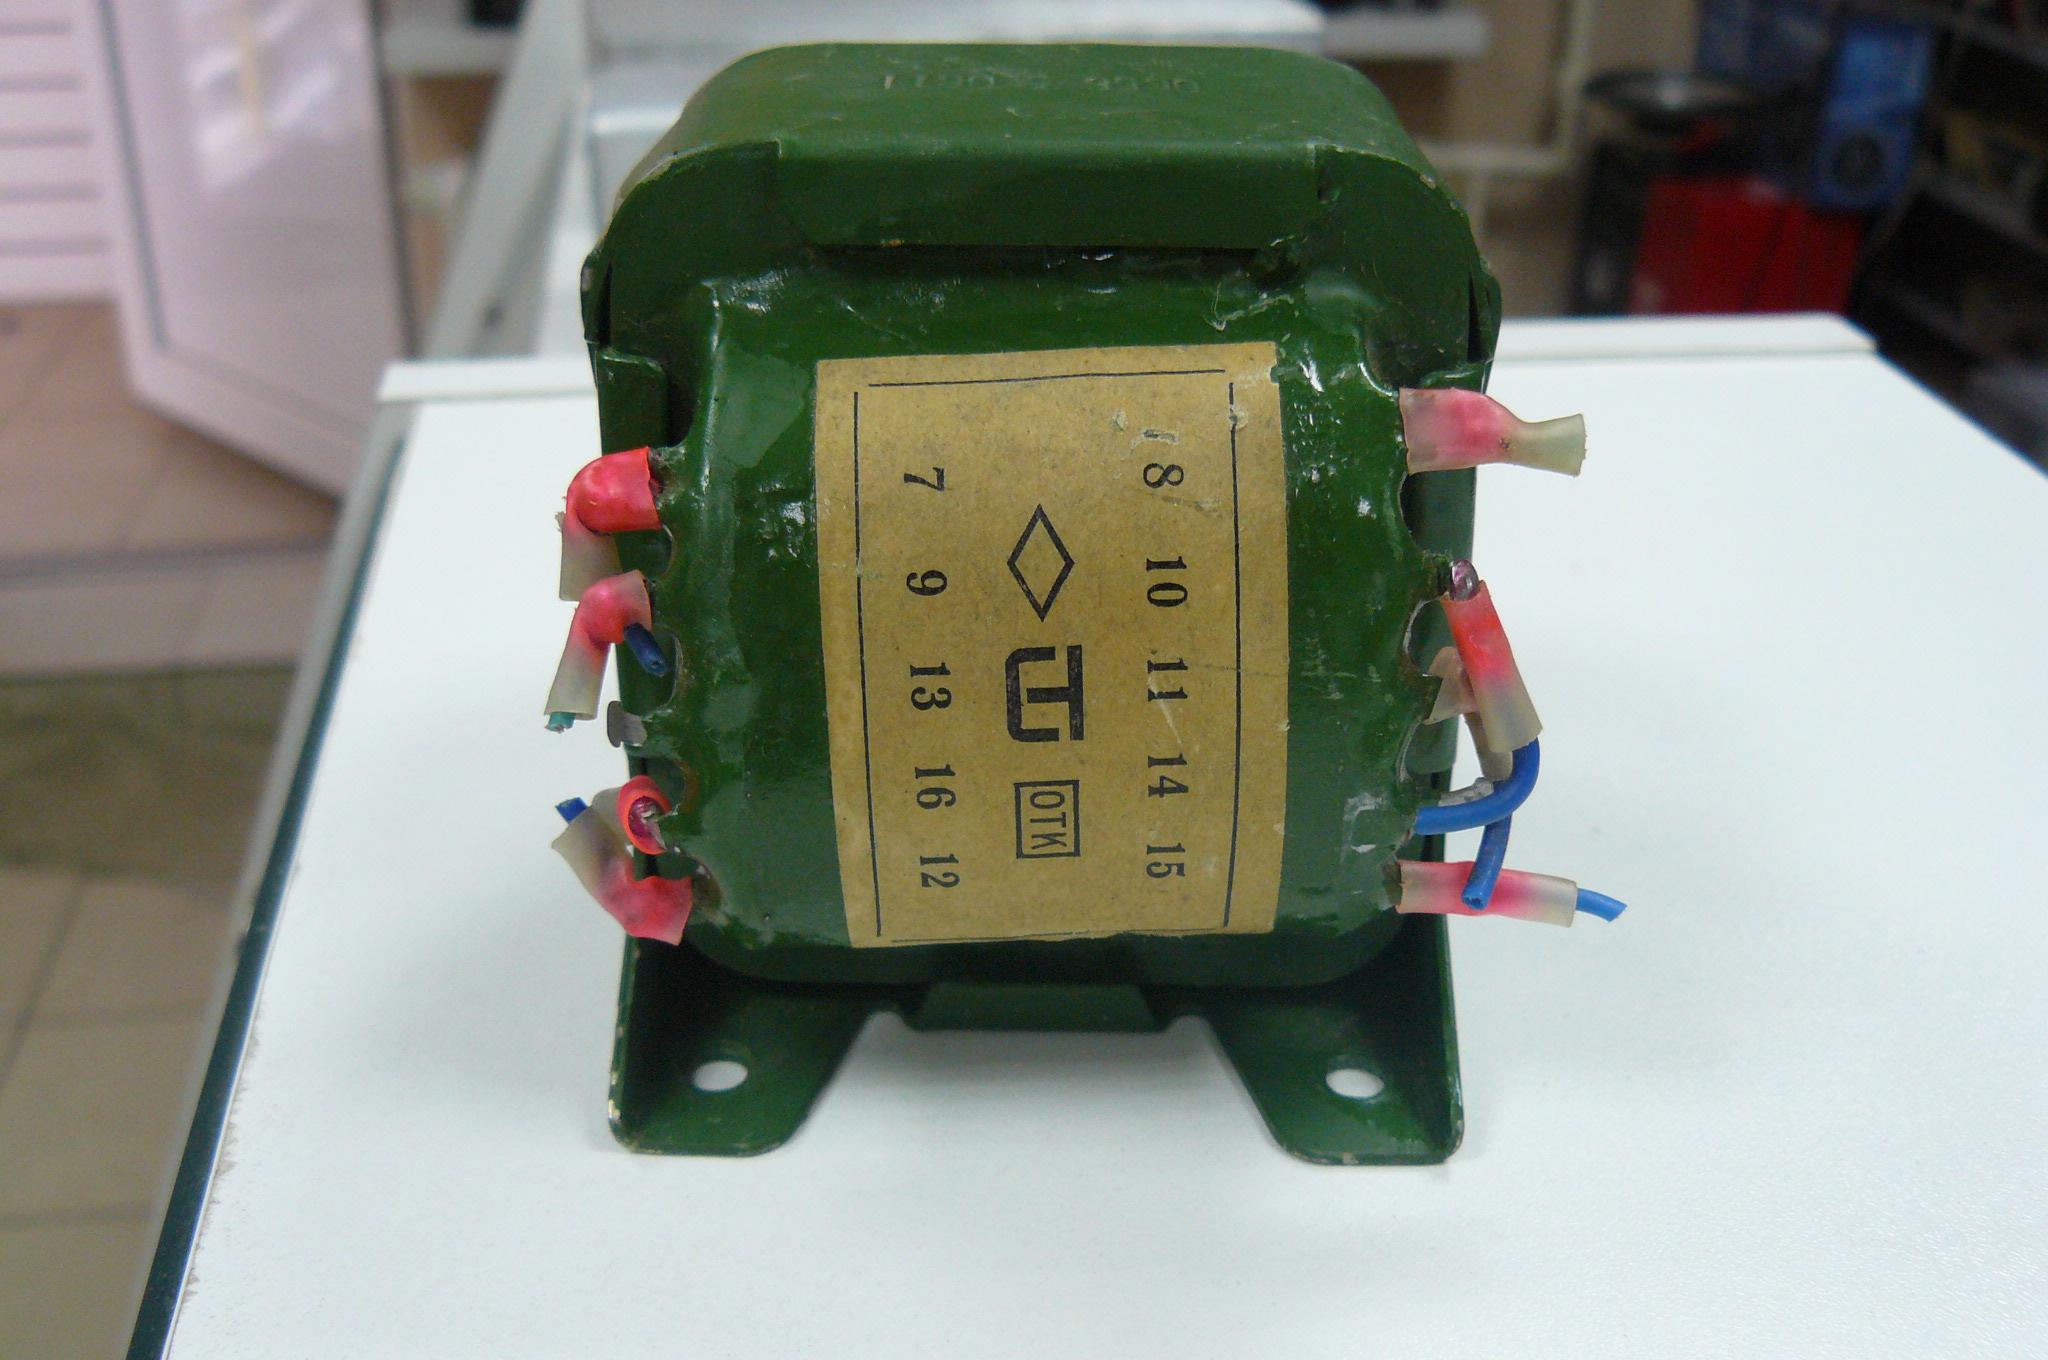 Трансформатор гв 4702 схема